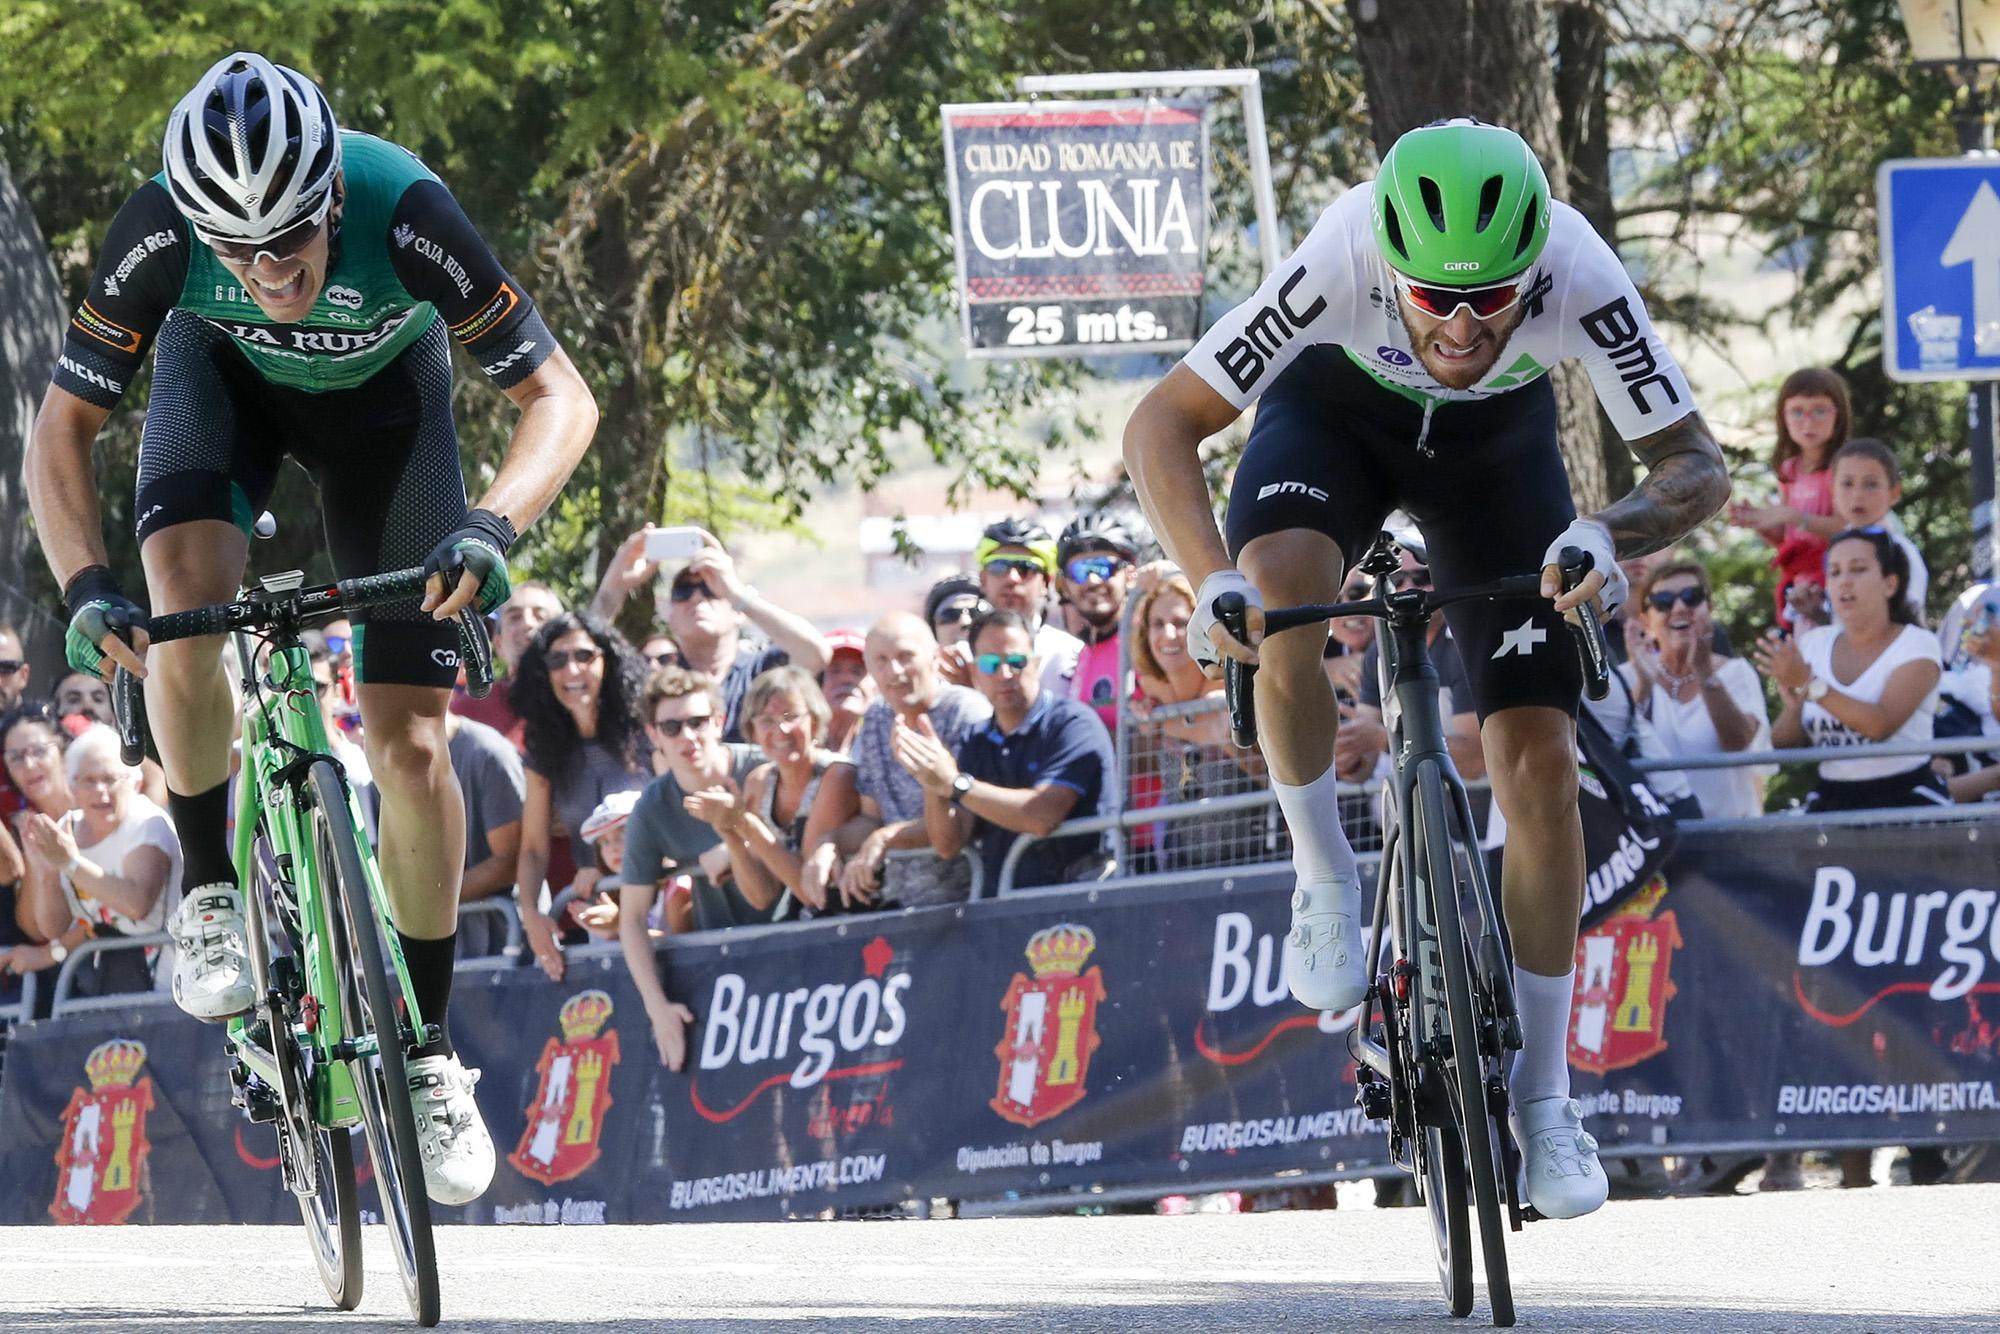 Vuelta a Burgos primera prueba ciclista pos pandemia  | Deportes | EL FRENTE